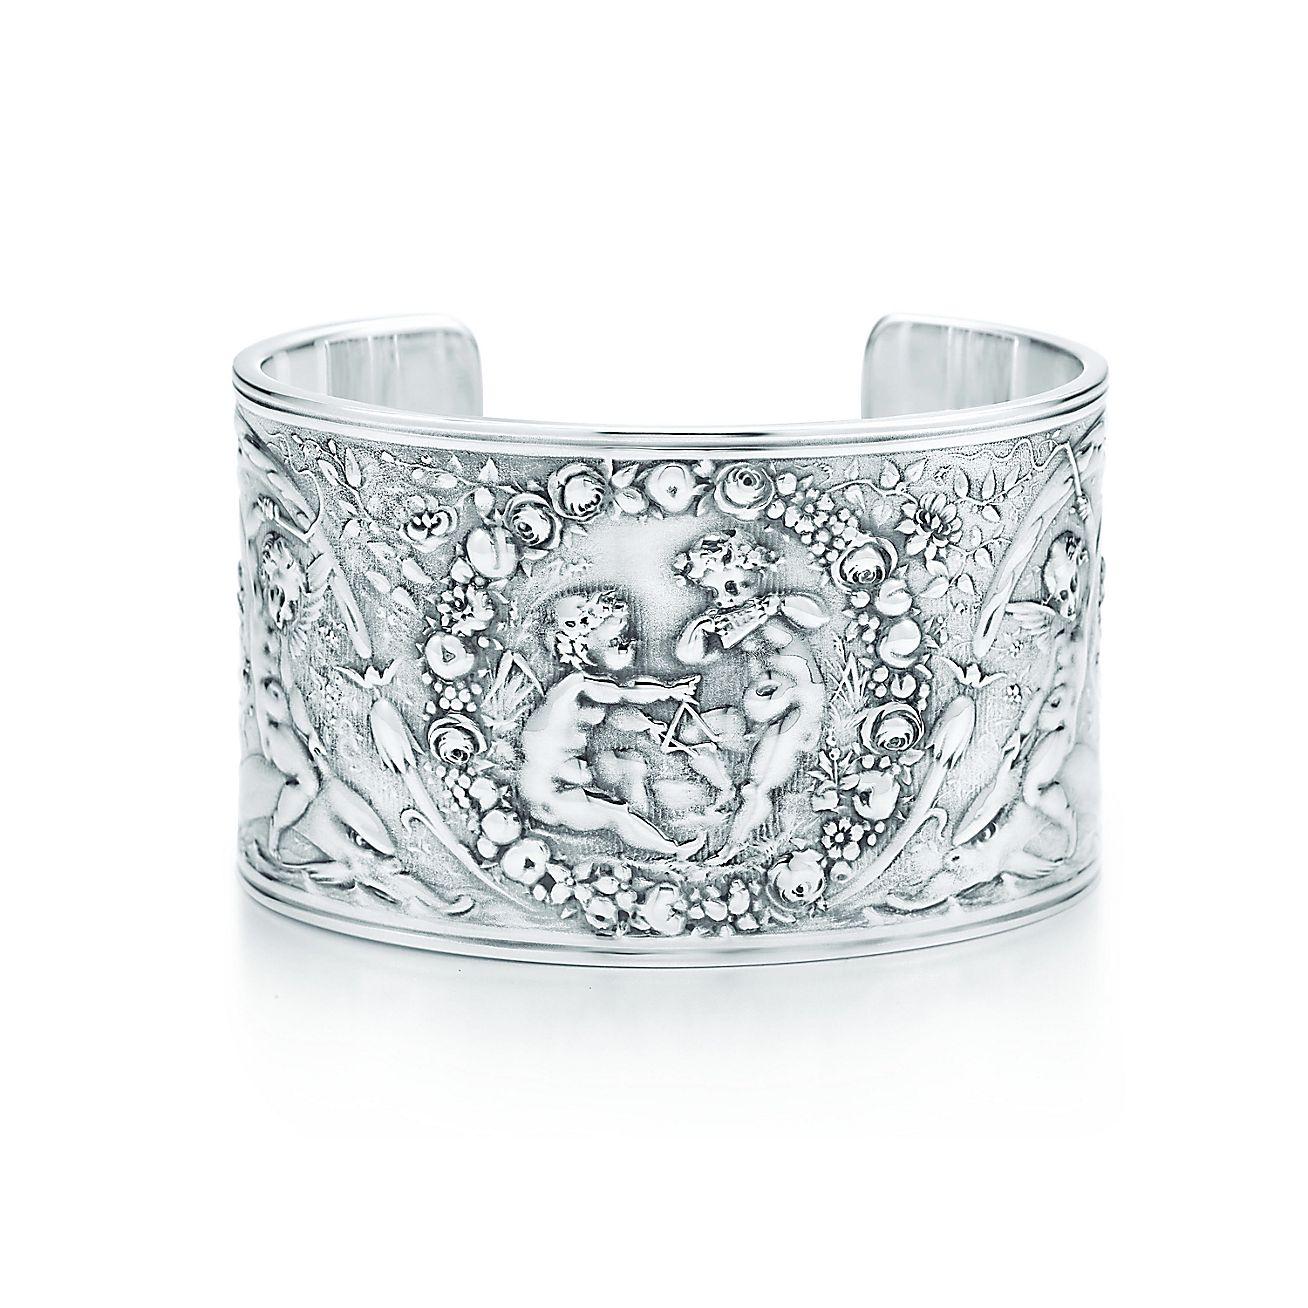 Tiffany Silver Studio<br>Rococo cherubs cuff